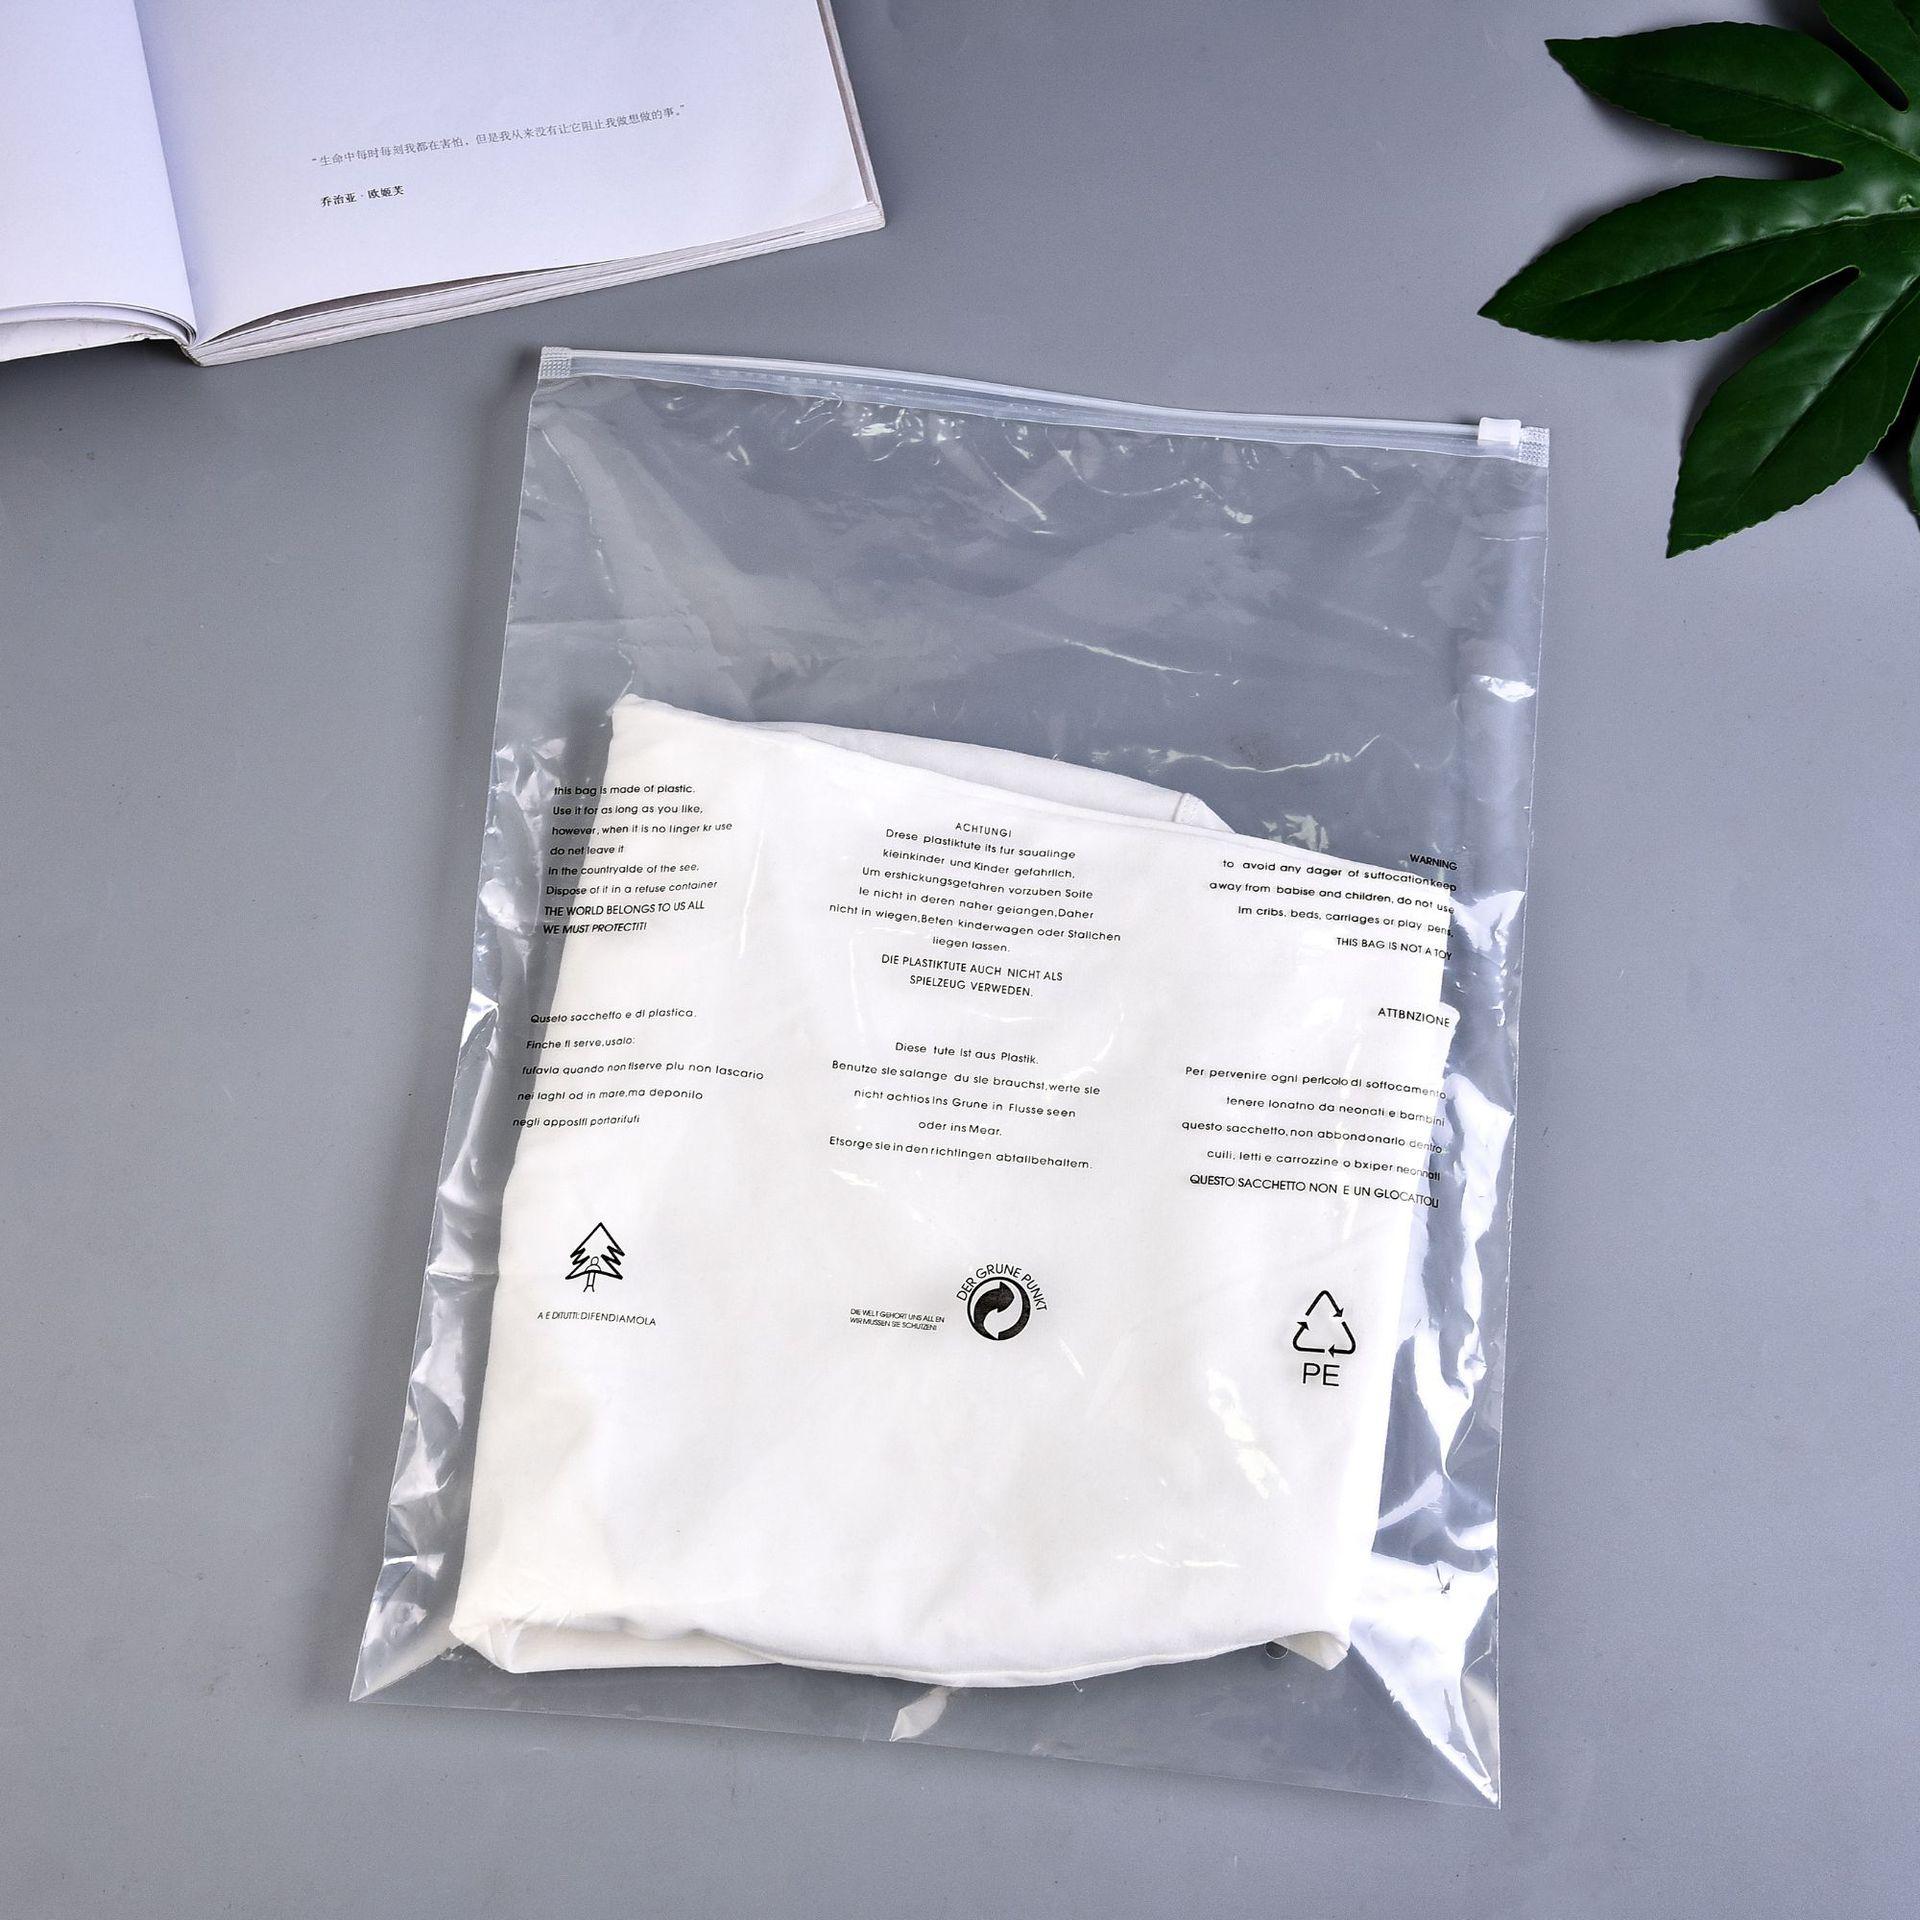 PE透明警示语拉链袋T恤内衣裤文胸袜子包装袋 ZARA标现货可定制7.00元包邮